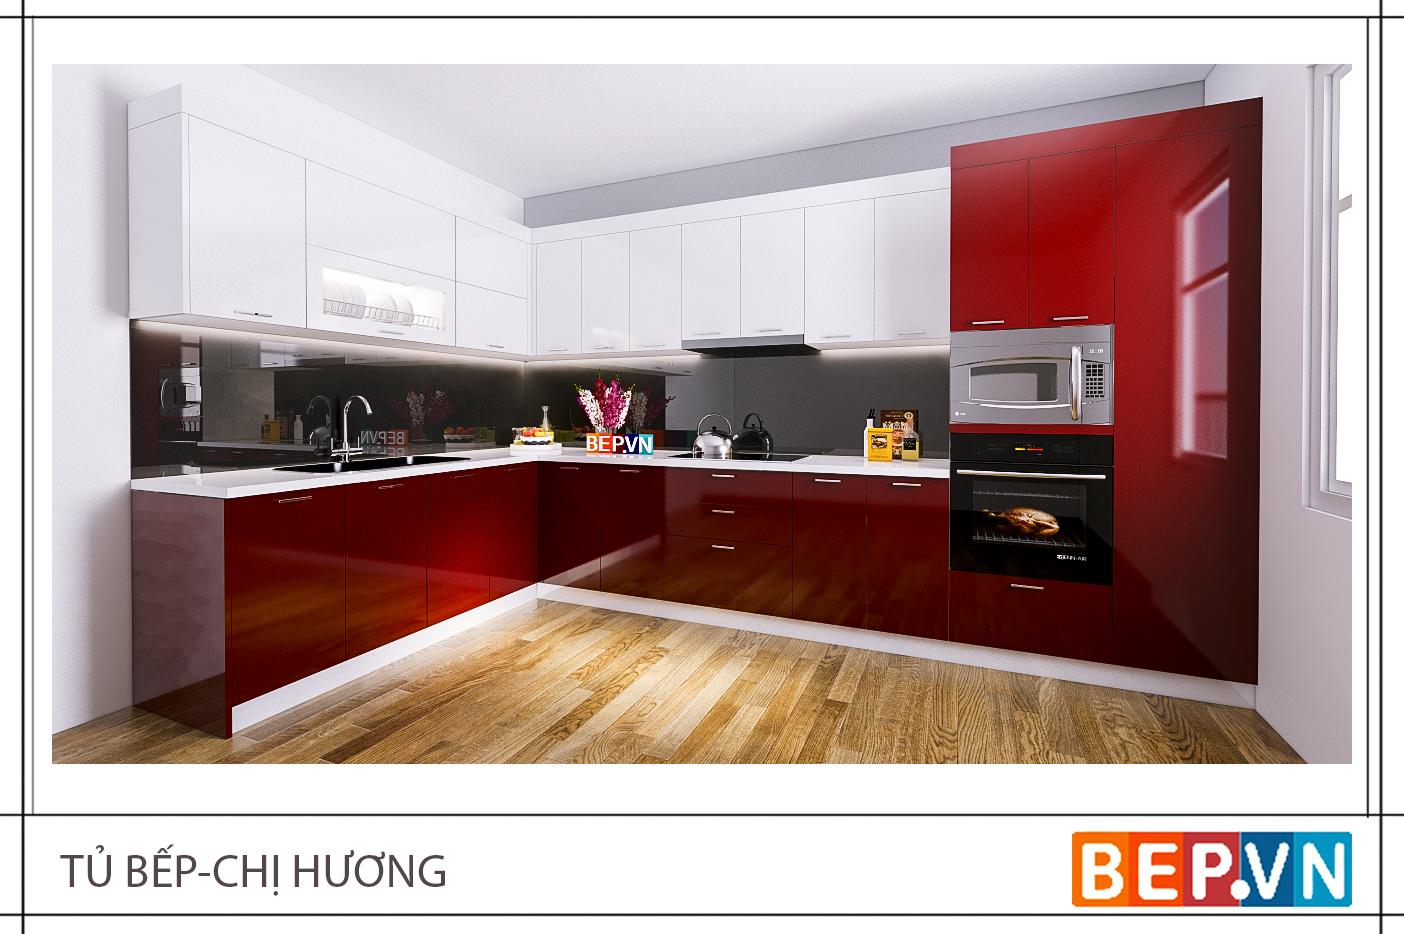 Thiết kế tủ kho kết hợp lò nướng và lò vi sóng trong căn bếp gia đình chị Hương.